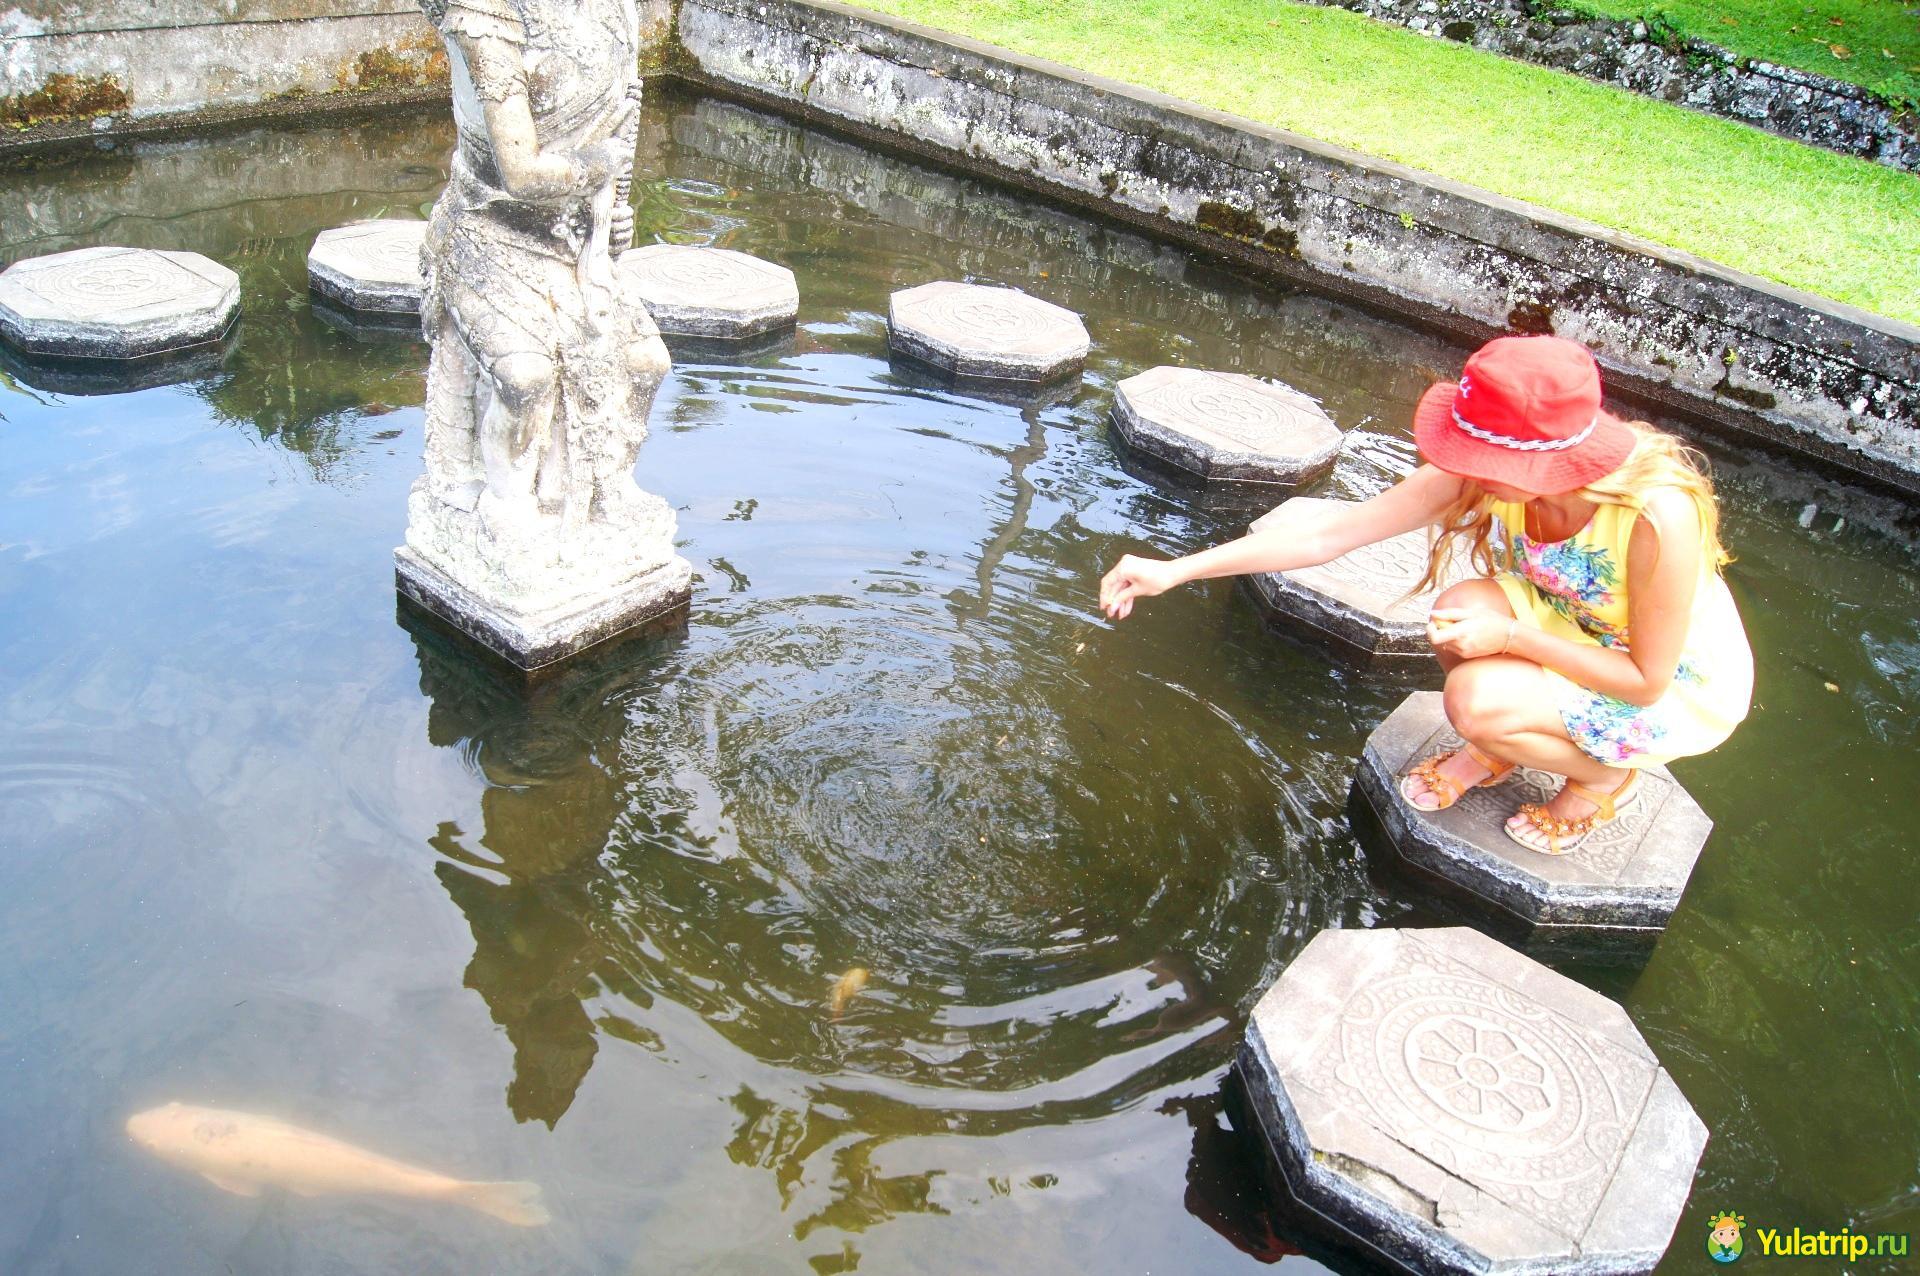 тиртаганга водный дворец бали